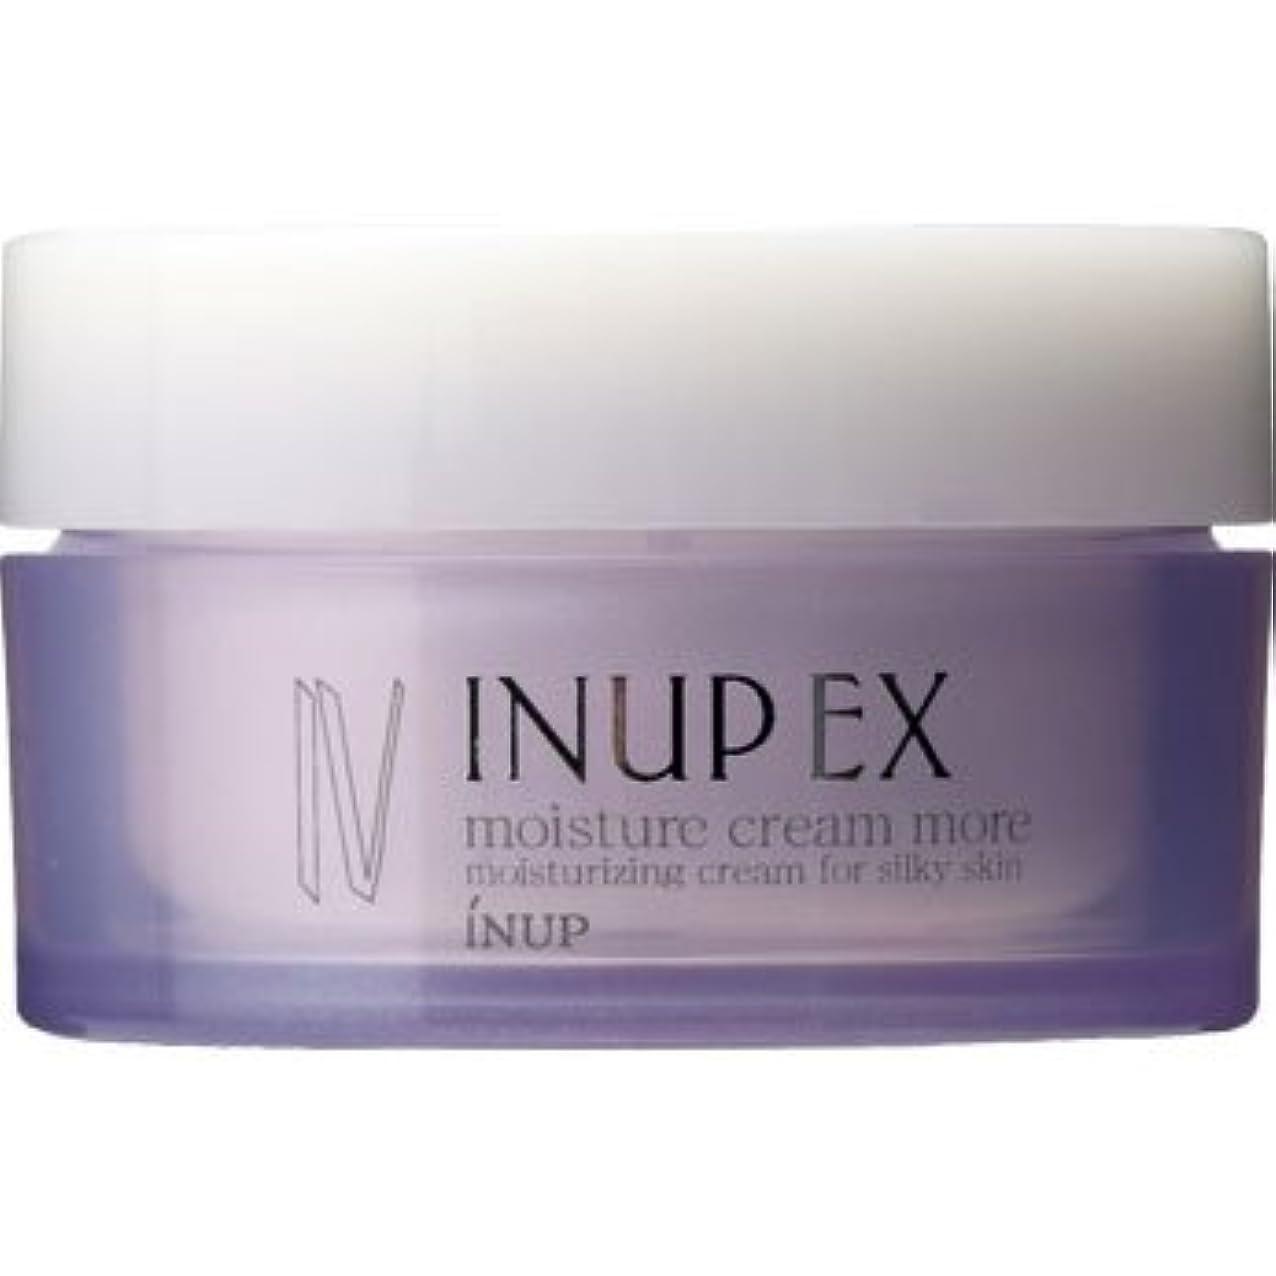 たまに教育学マイクロインナップEX 保湿クリーム (潤い効果アップ) モイスチャークリーム MD (スパチュラ付)[弱酸性] 30g